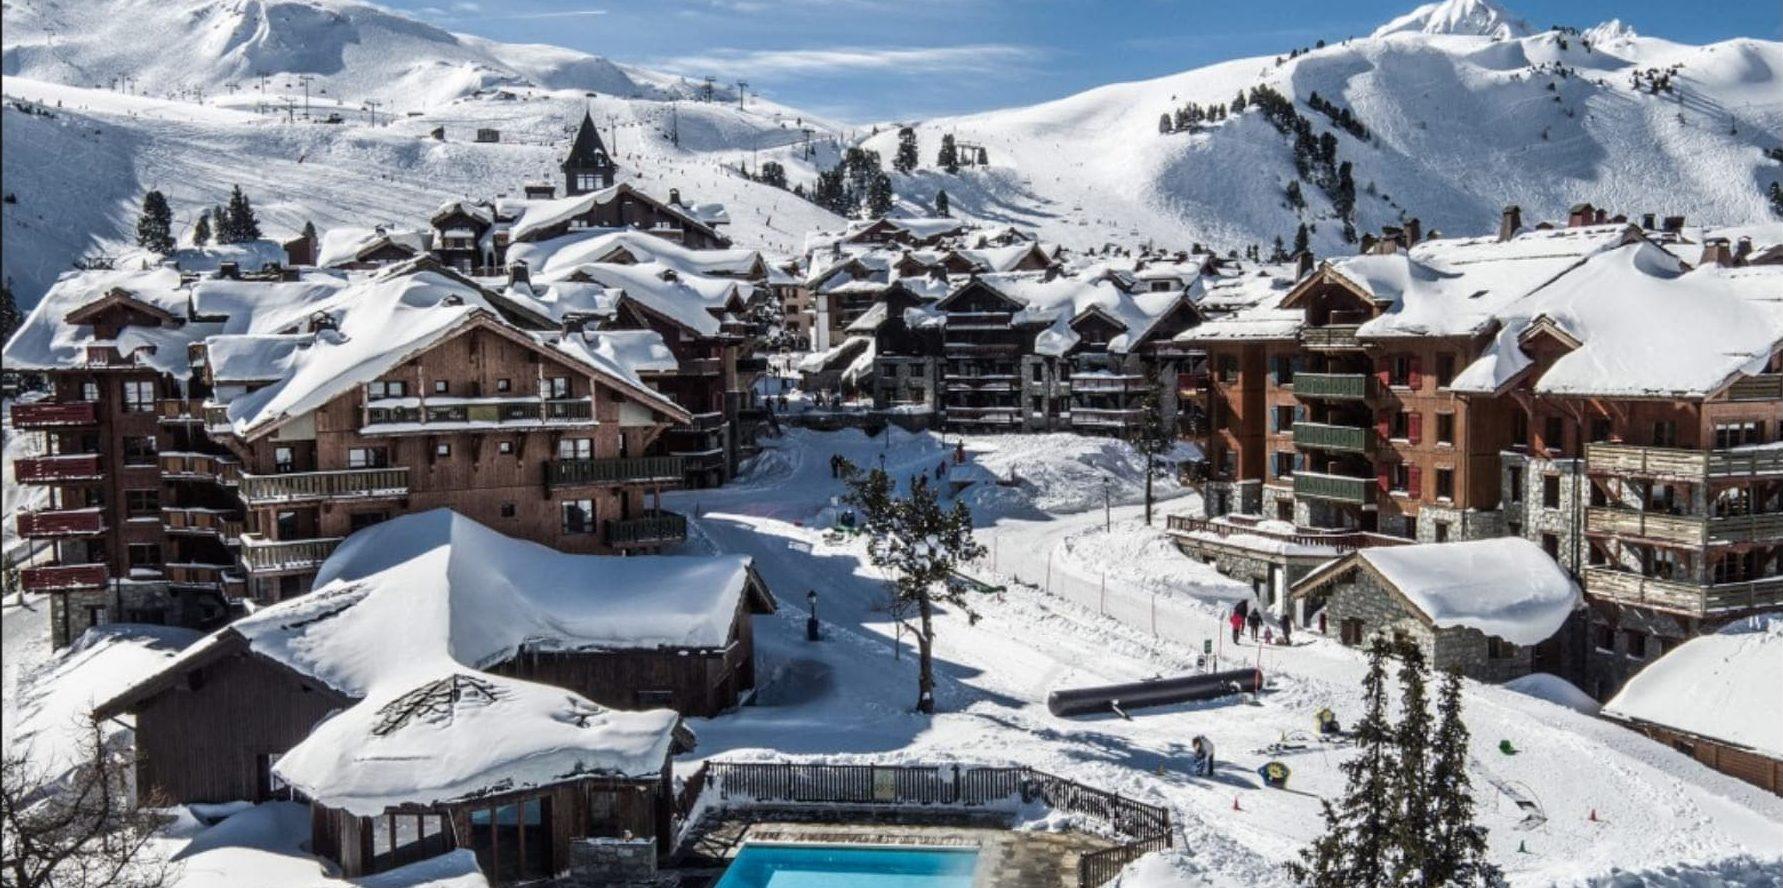 Les Arcs Paradiski Frankrijk wintersport skivakantie luxe dorpje appartementen bergen sneeuw bomen